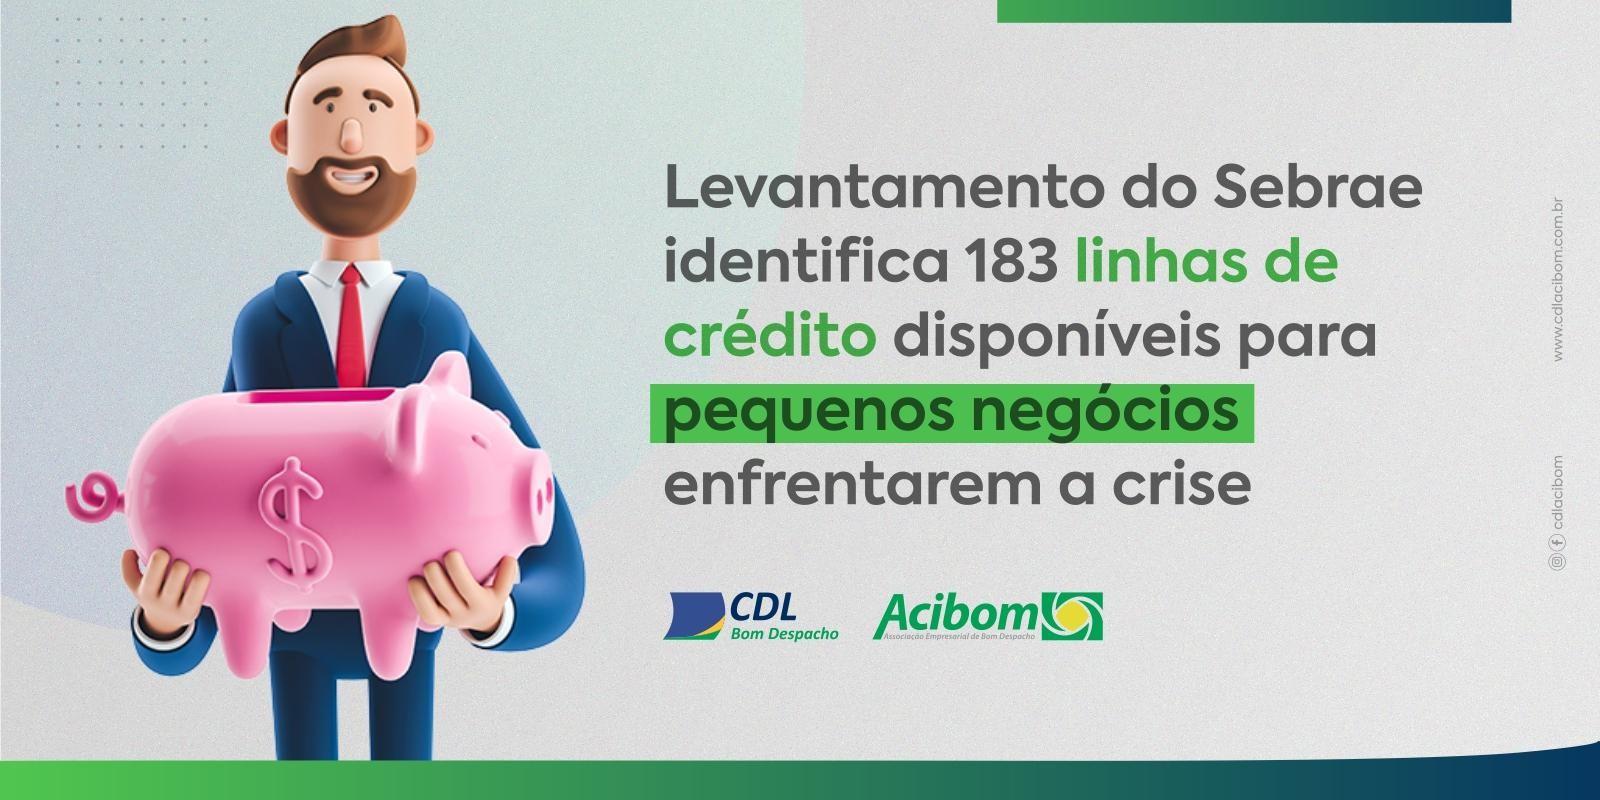 Levantamento do Sebrae identifica 183 linhas de crédito disponíveis para pequenos negócios enfrentarem a crise